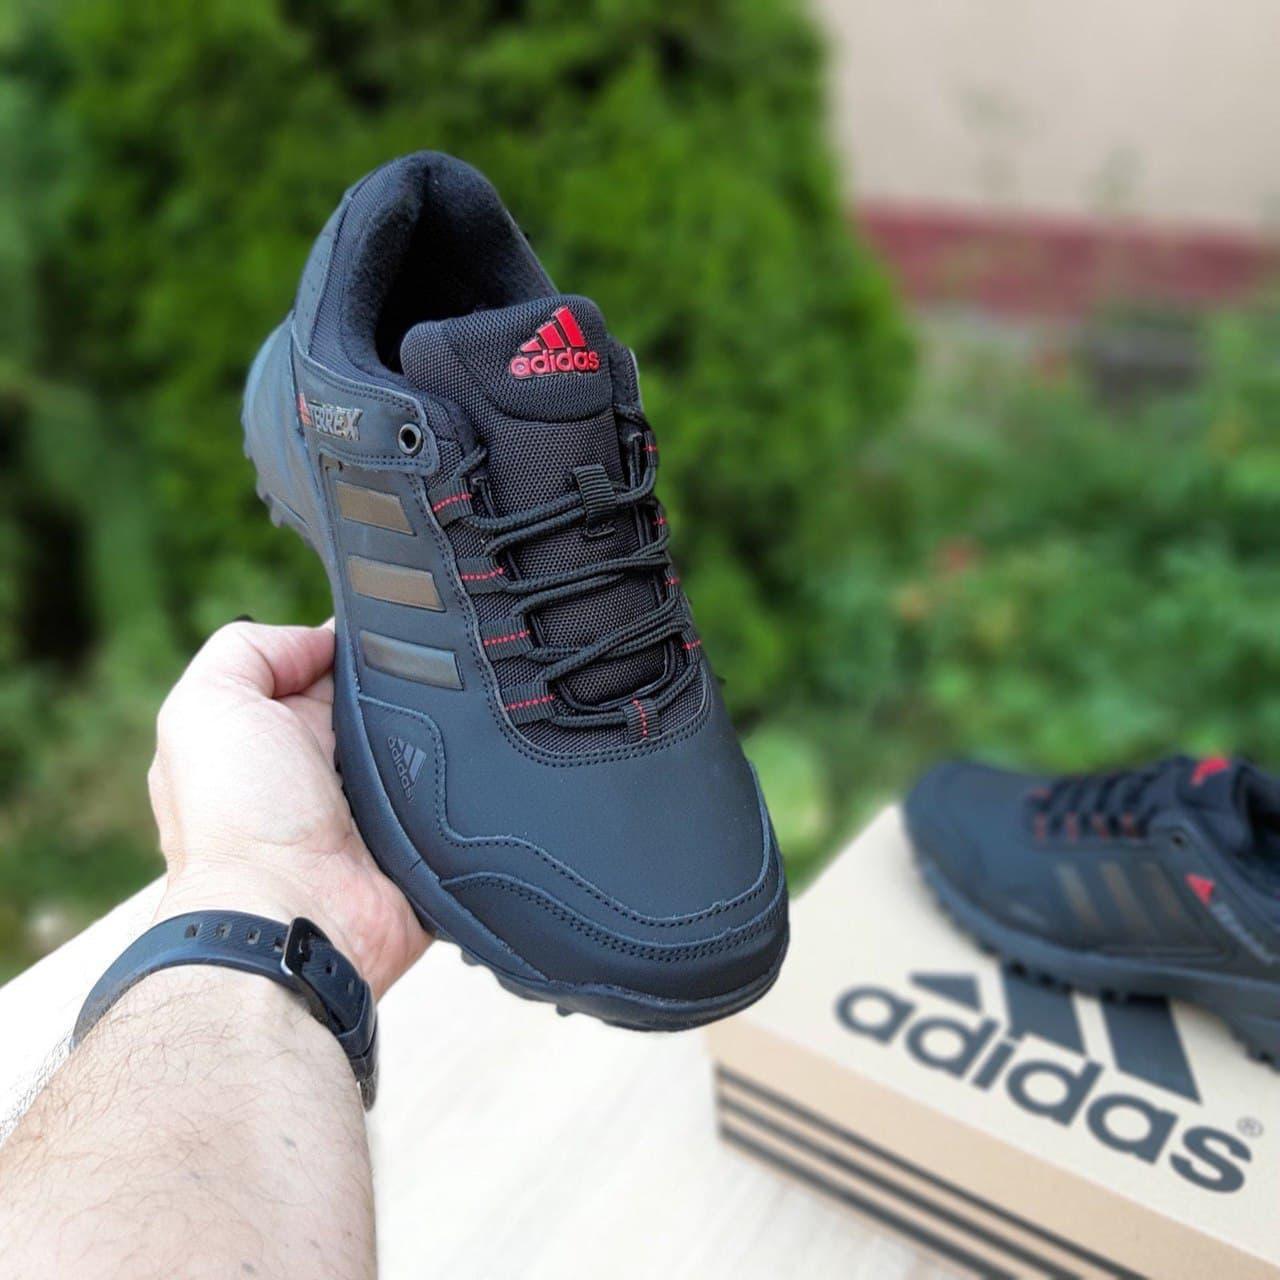 Мужские кроссовки Adidas terrex (черные с красным) О3514 евро зима водоотталкивающие